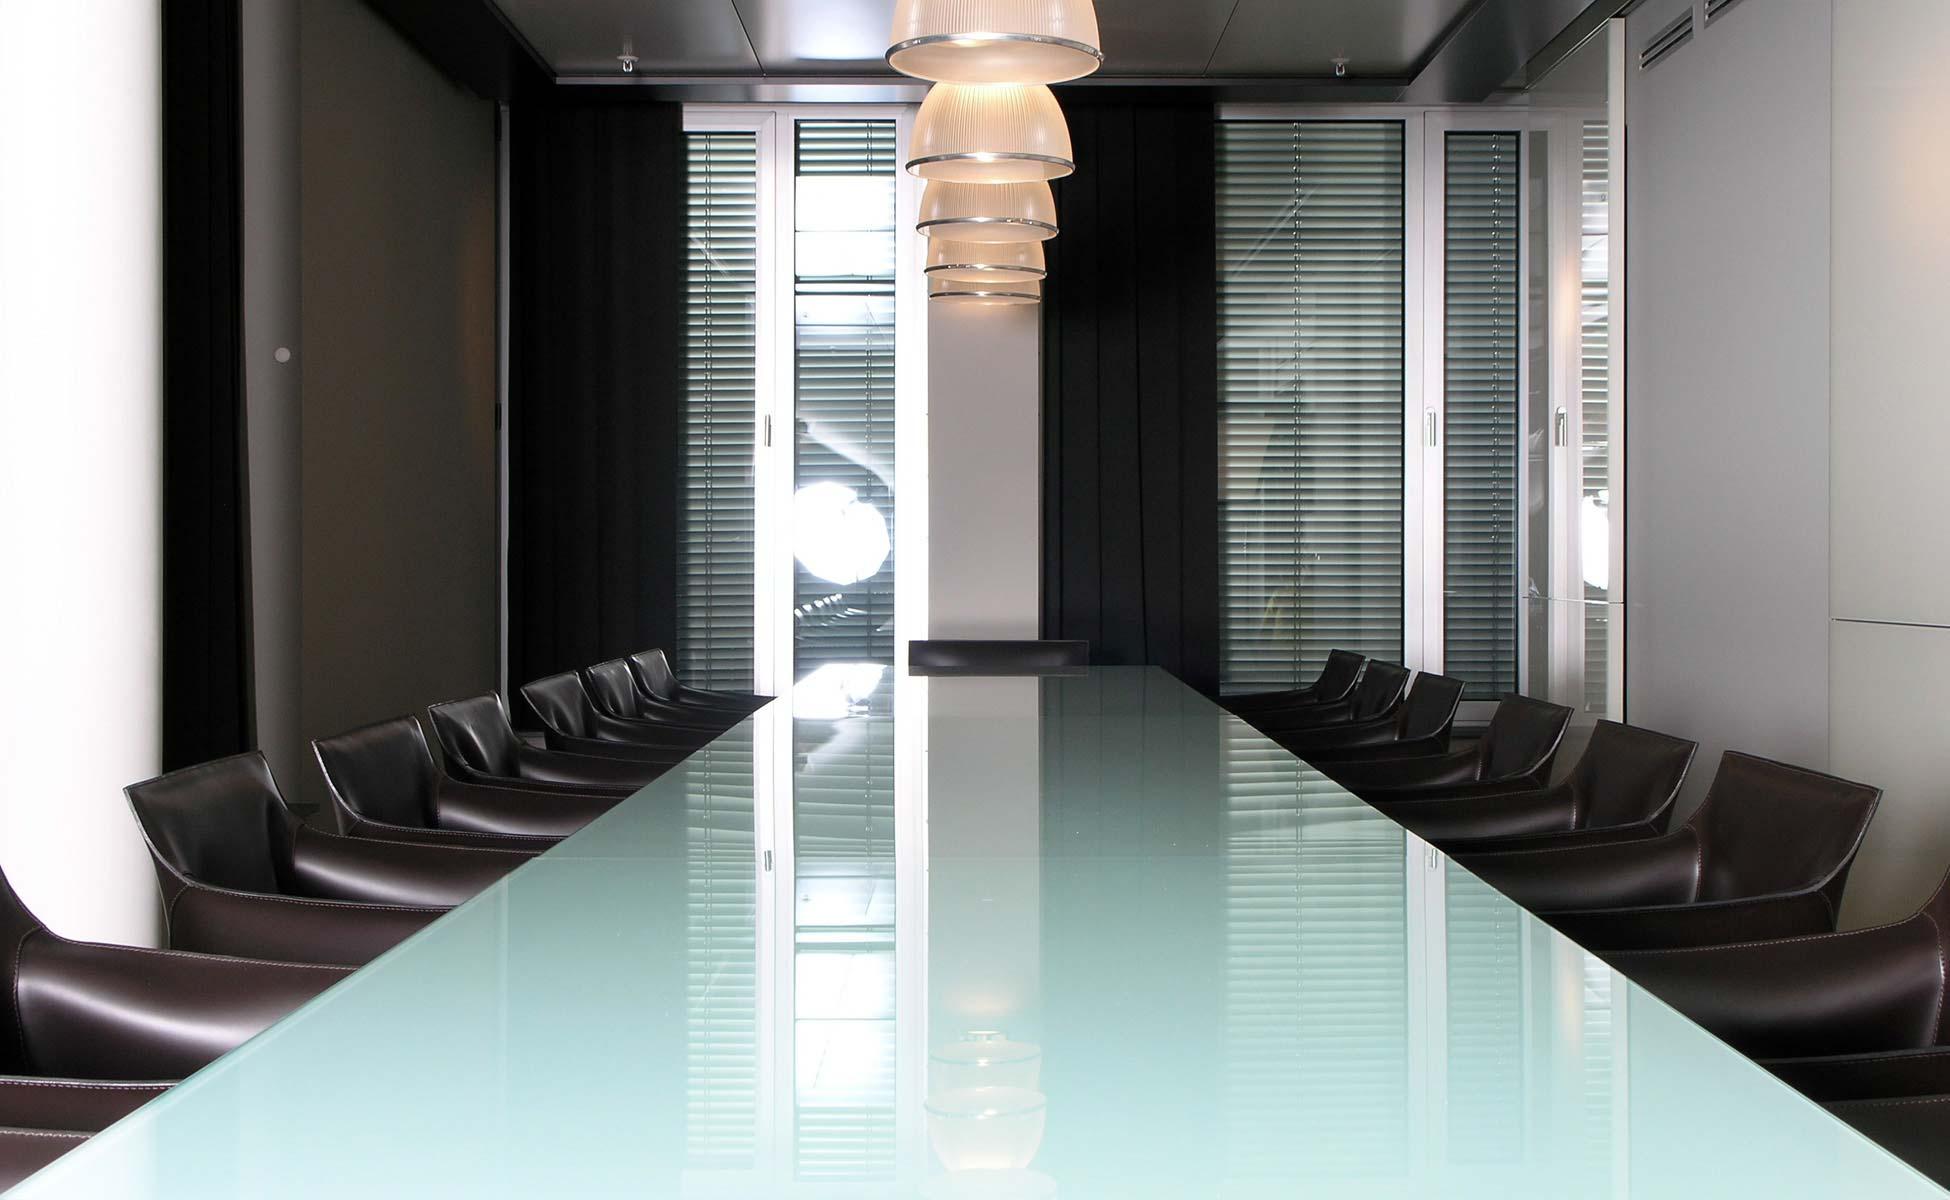 lounge und lobby einrichtung matteograssi + knoll international konferenz von steidten+ berlin